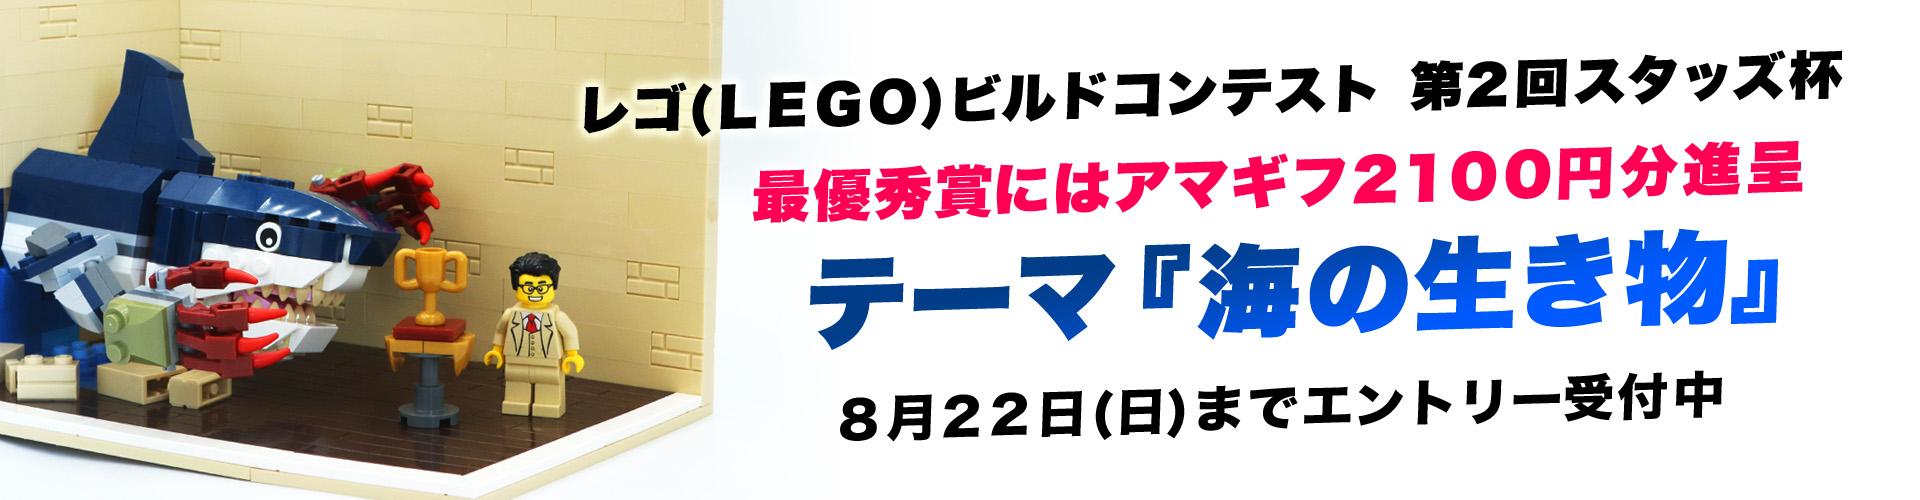 レゴ新製品最新情報全部まとめてチェック!海外で先行確認された最新のレゴ新製品情報、レゴ公式発表、これから発売予定のレゴ製品、レゴコラボ商品、過去に発売されたレゴ製品に関する最新ニュースを新着順にまとめてチェックできます。